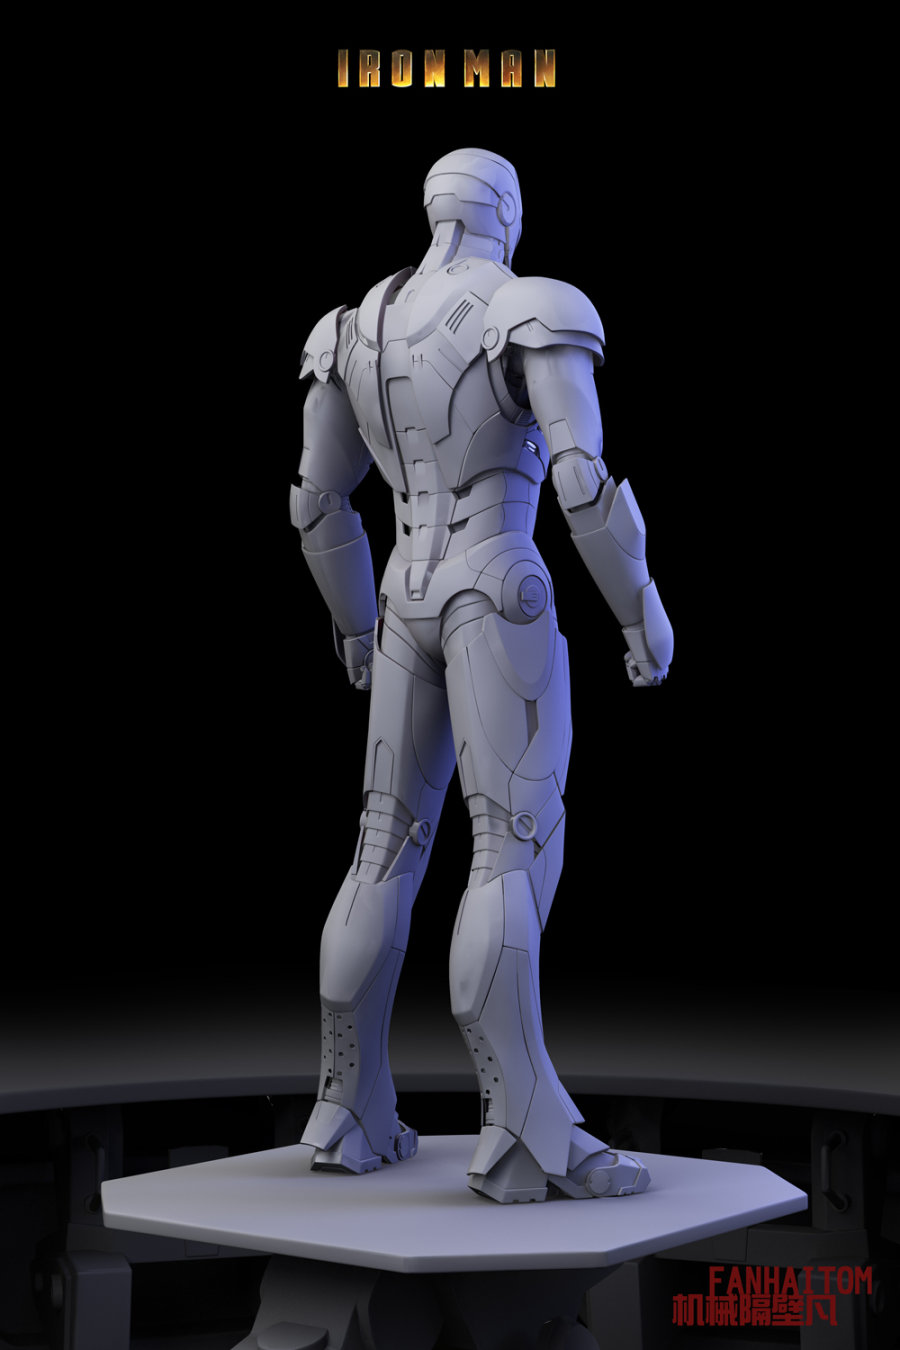 雕塑動漫人物設計三視圖